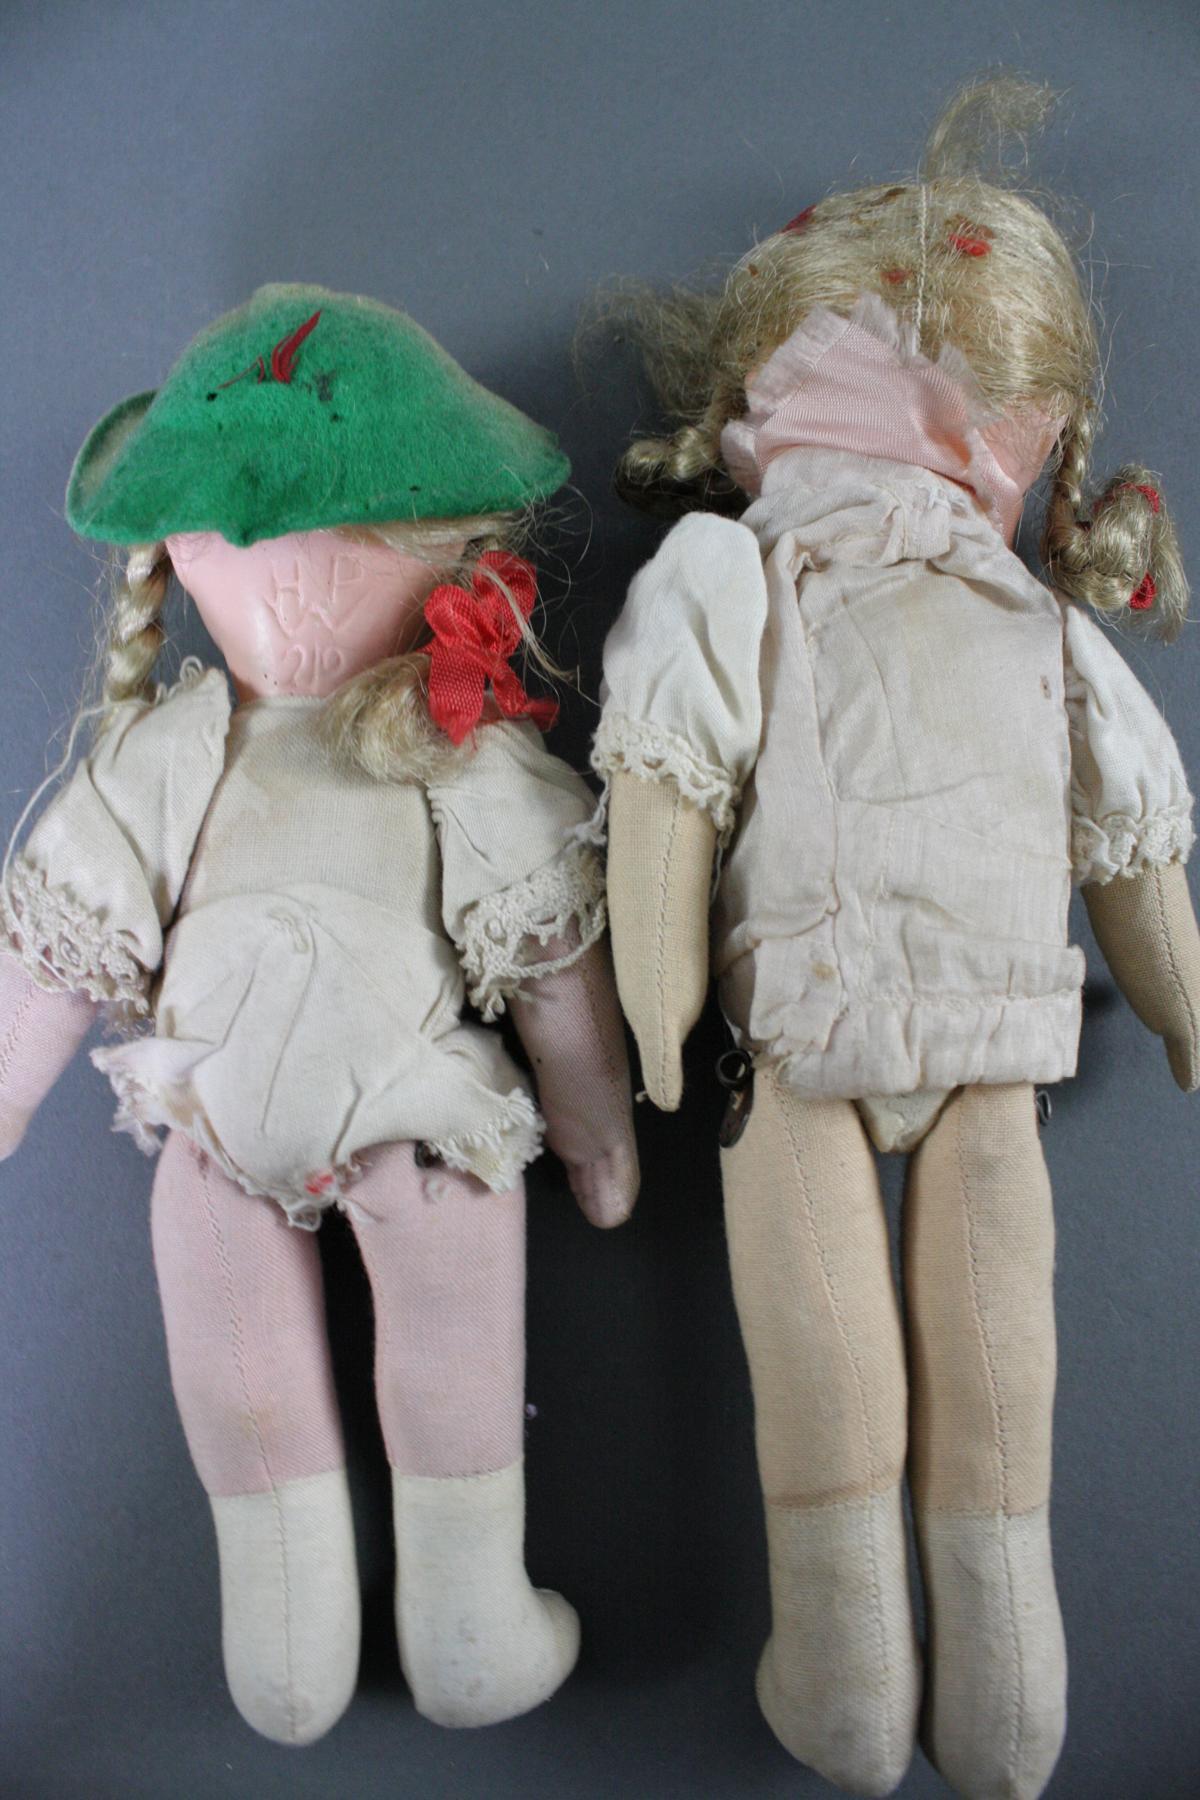 12 sehr alte Puppen, 1. Hälfte 20. Jahrhundert oder älter-9